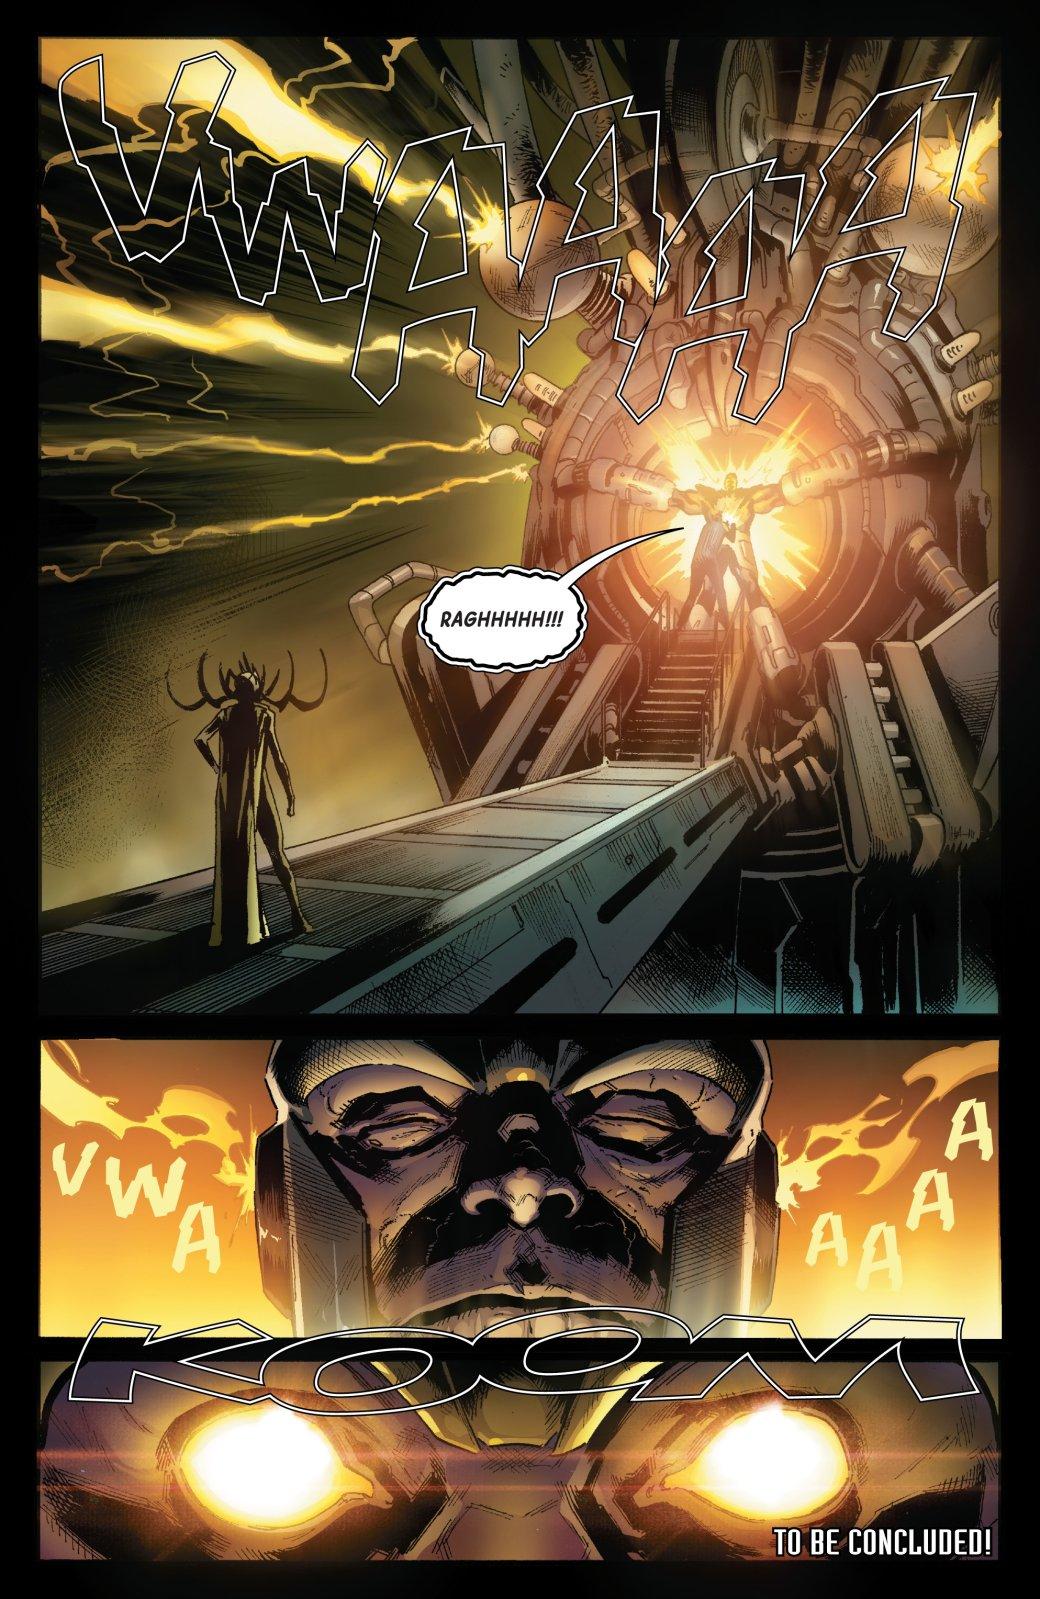 Как Хела сумела возродить своего возлюбленного Таноса настраницах комиксов Marvel? | Канобу - Изображение 5